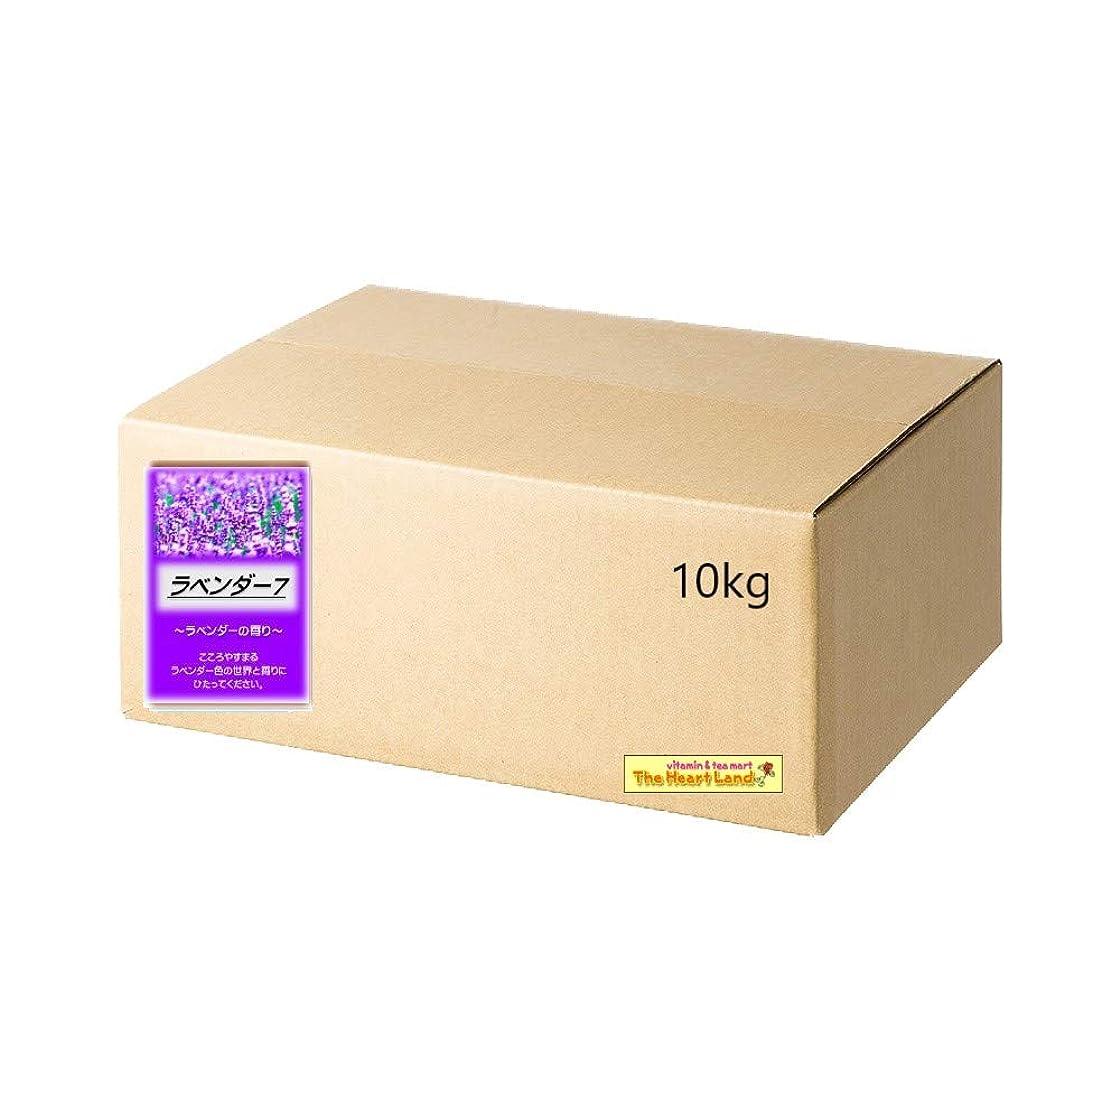 豚タイピスト他の場所アサヒ入浴剤 浴用入浴化粧品 ラベンダー7 10kg